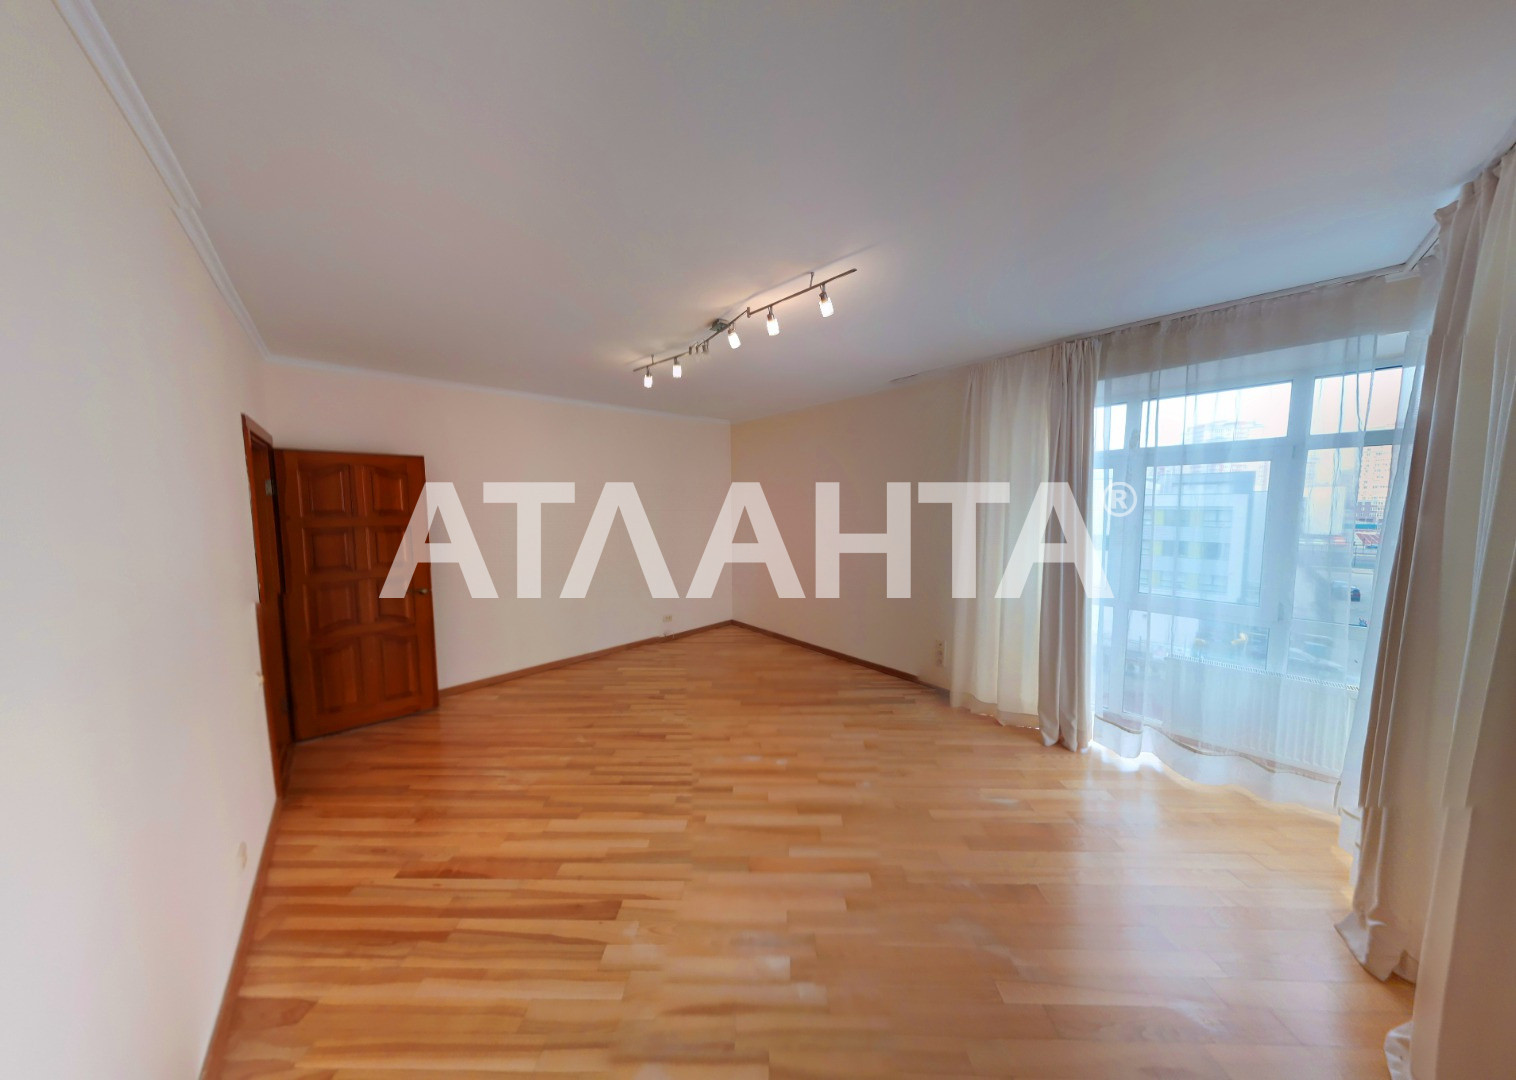 Продается 3-комнатная Квартира на ул. Конева — 118 000 у.е. (фото №12)